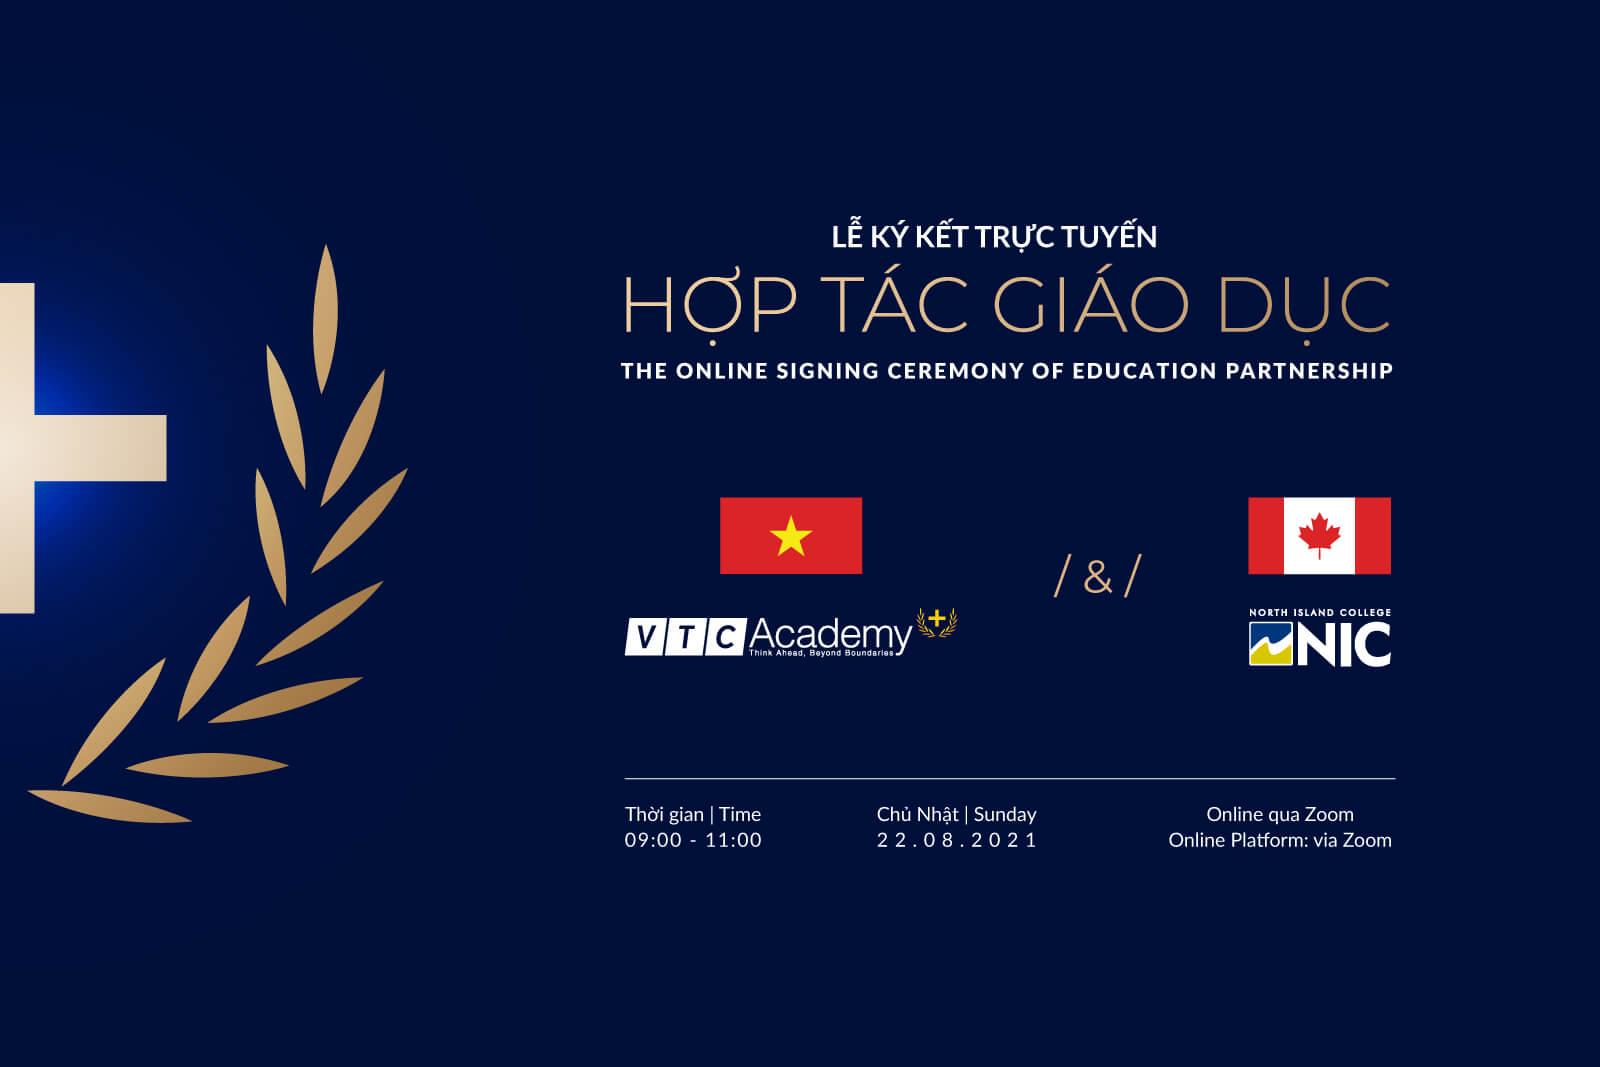 Lễ ký kết hợp tác giáo dục trực tuyến giữa VTC Academy và trường Cao đẳng Quốc tế North Island (NIC), Canada